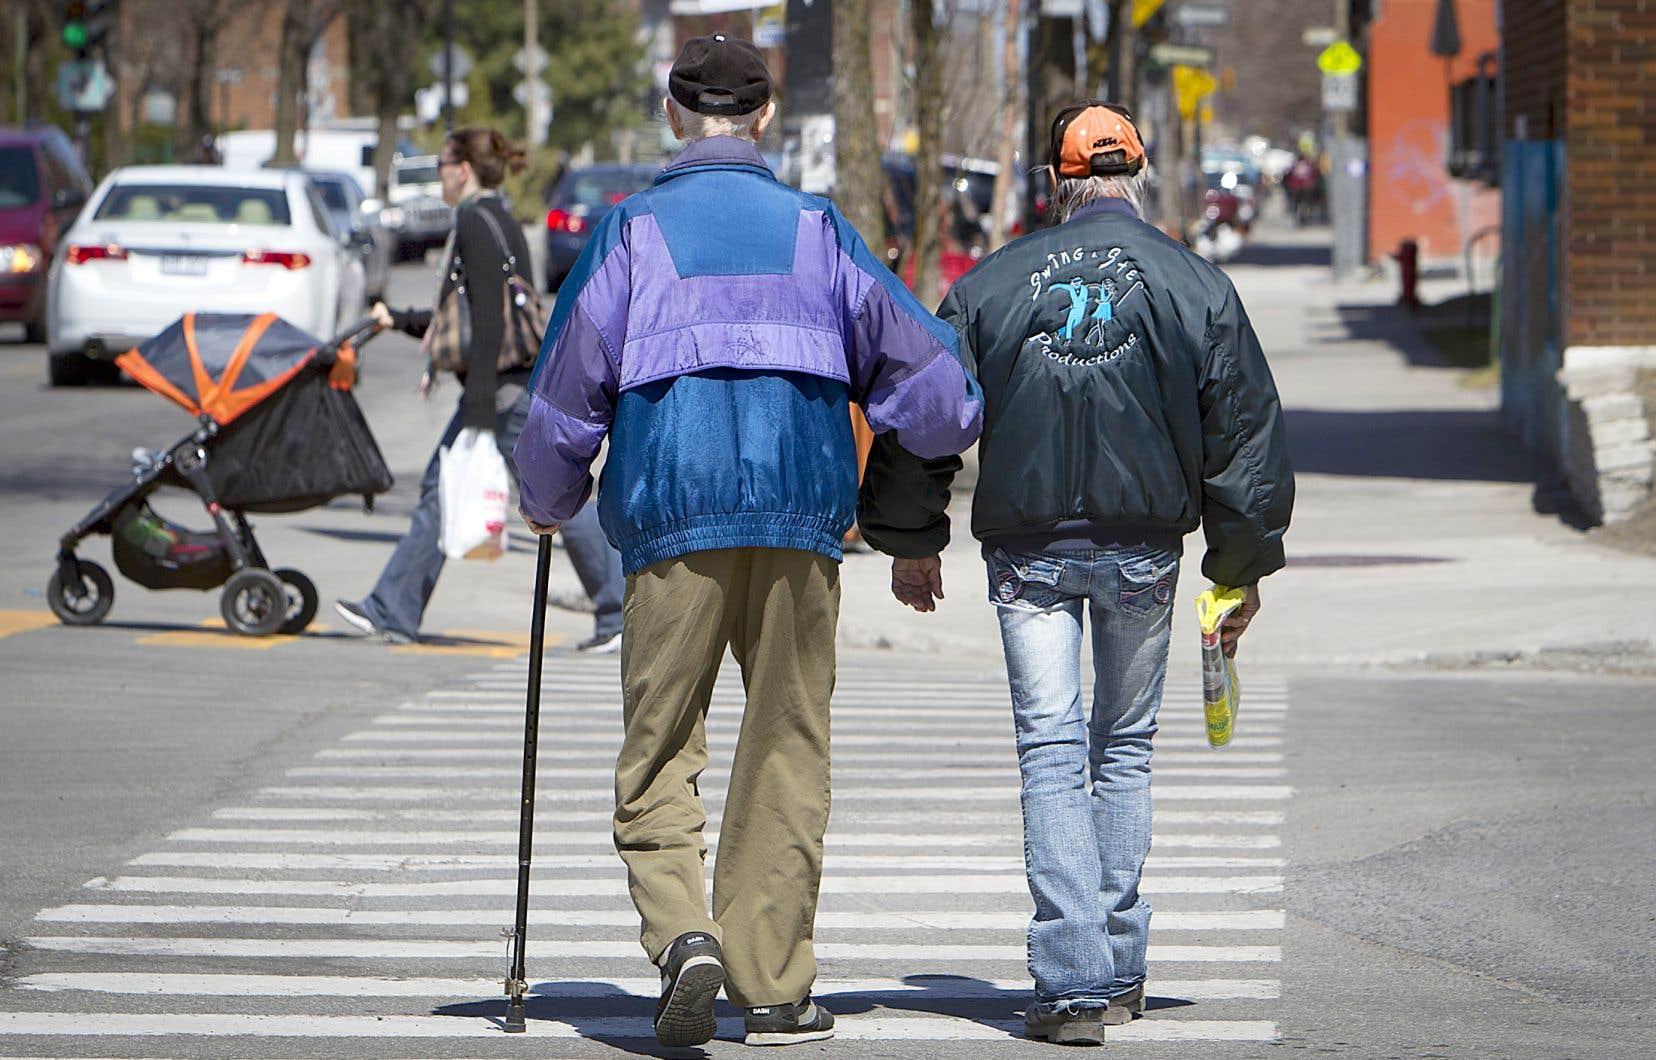 Vieillir dans la communauté reste le premier choix des personnes de 65 ans et plus, rappelle l'autrice.